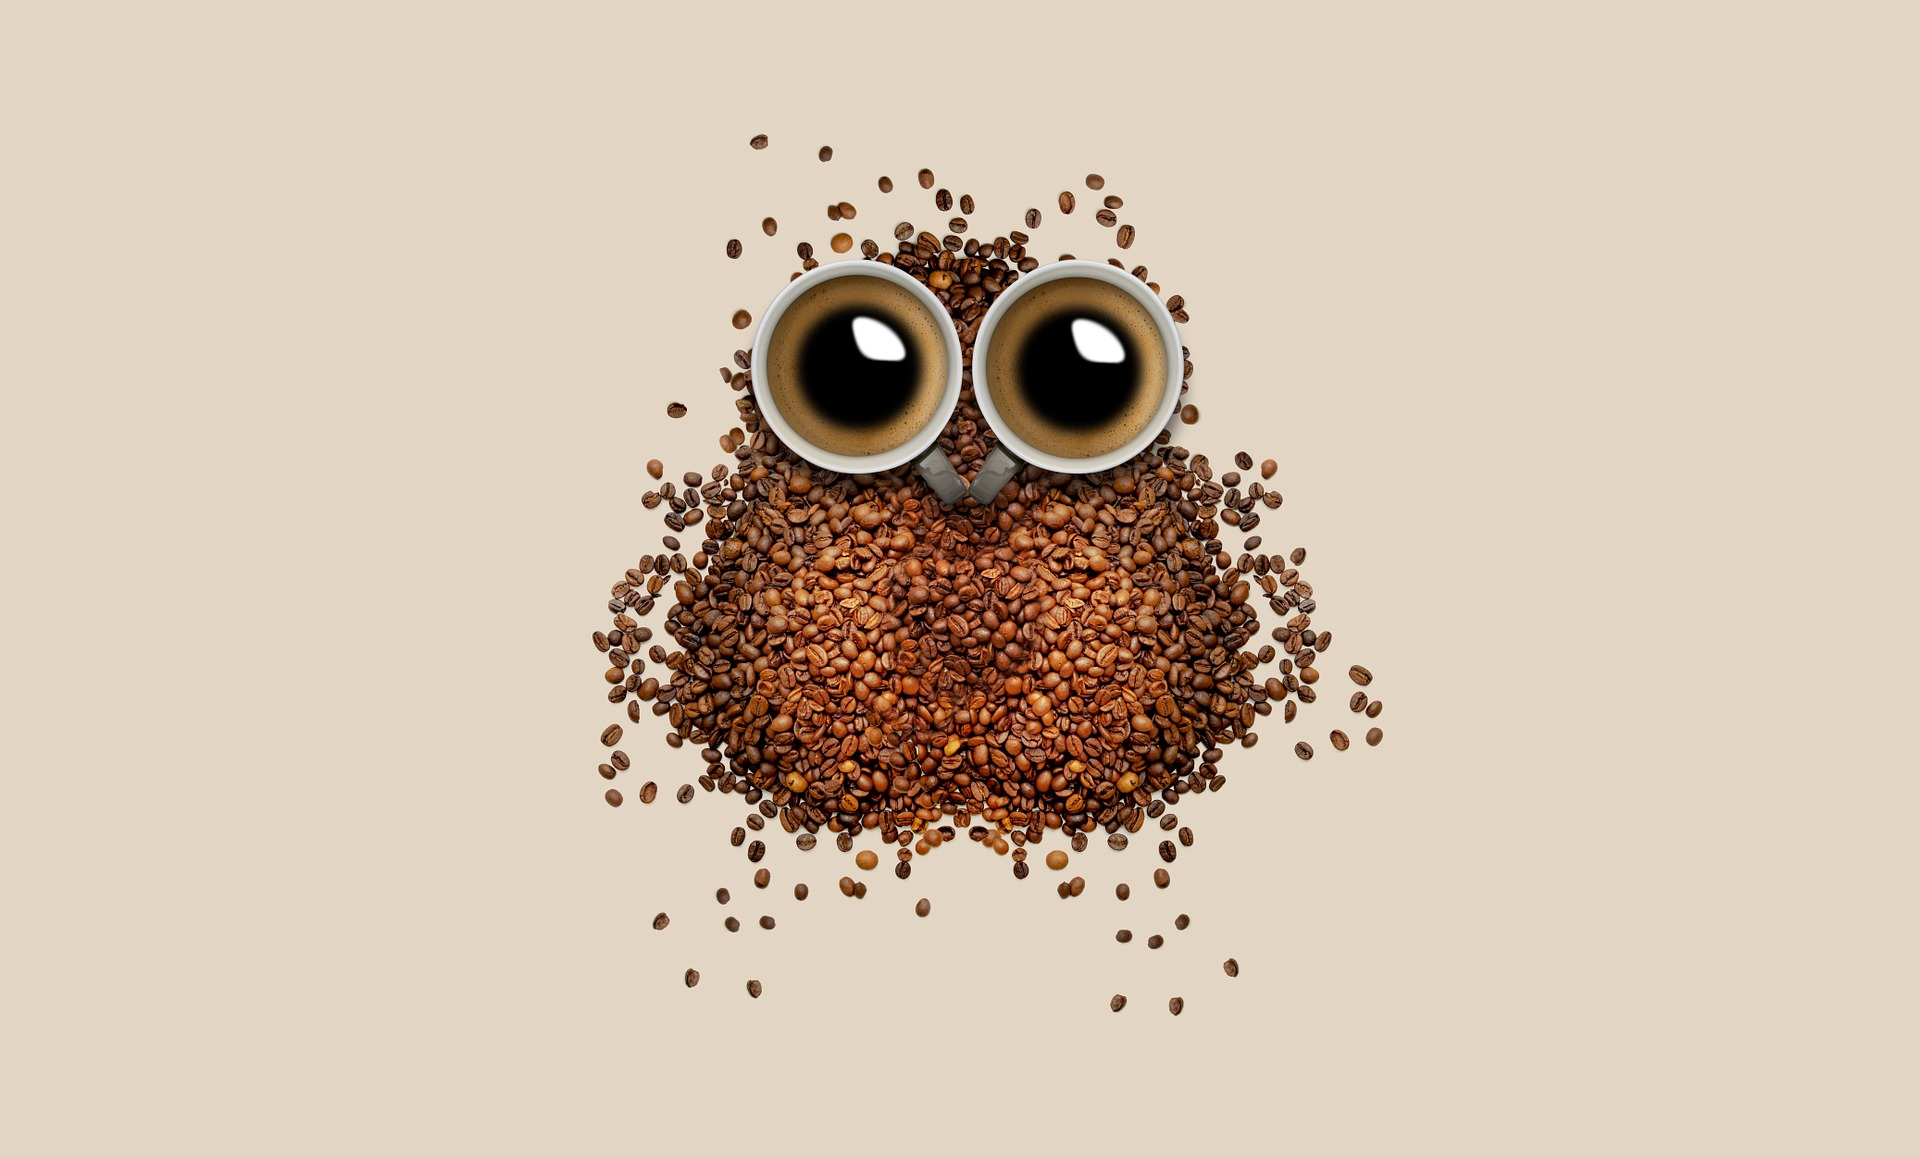 咖啡, 猫头鹰, 杯, 咖啡豆, 眼睛, 布朗 - 壁纸 - 教授-falken.com